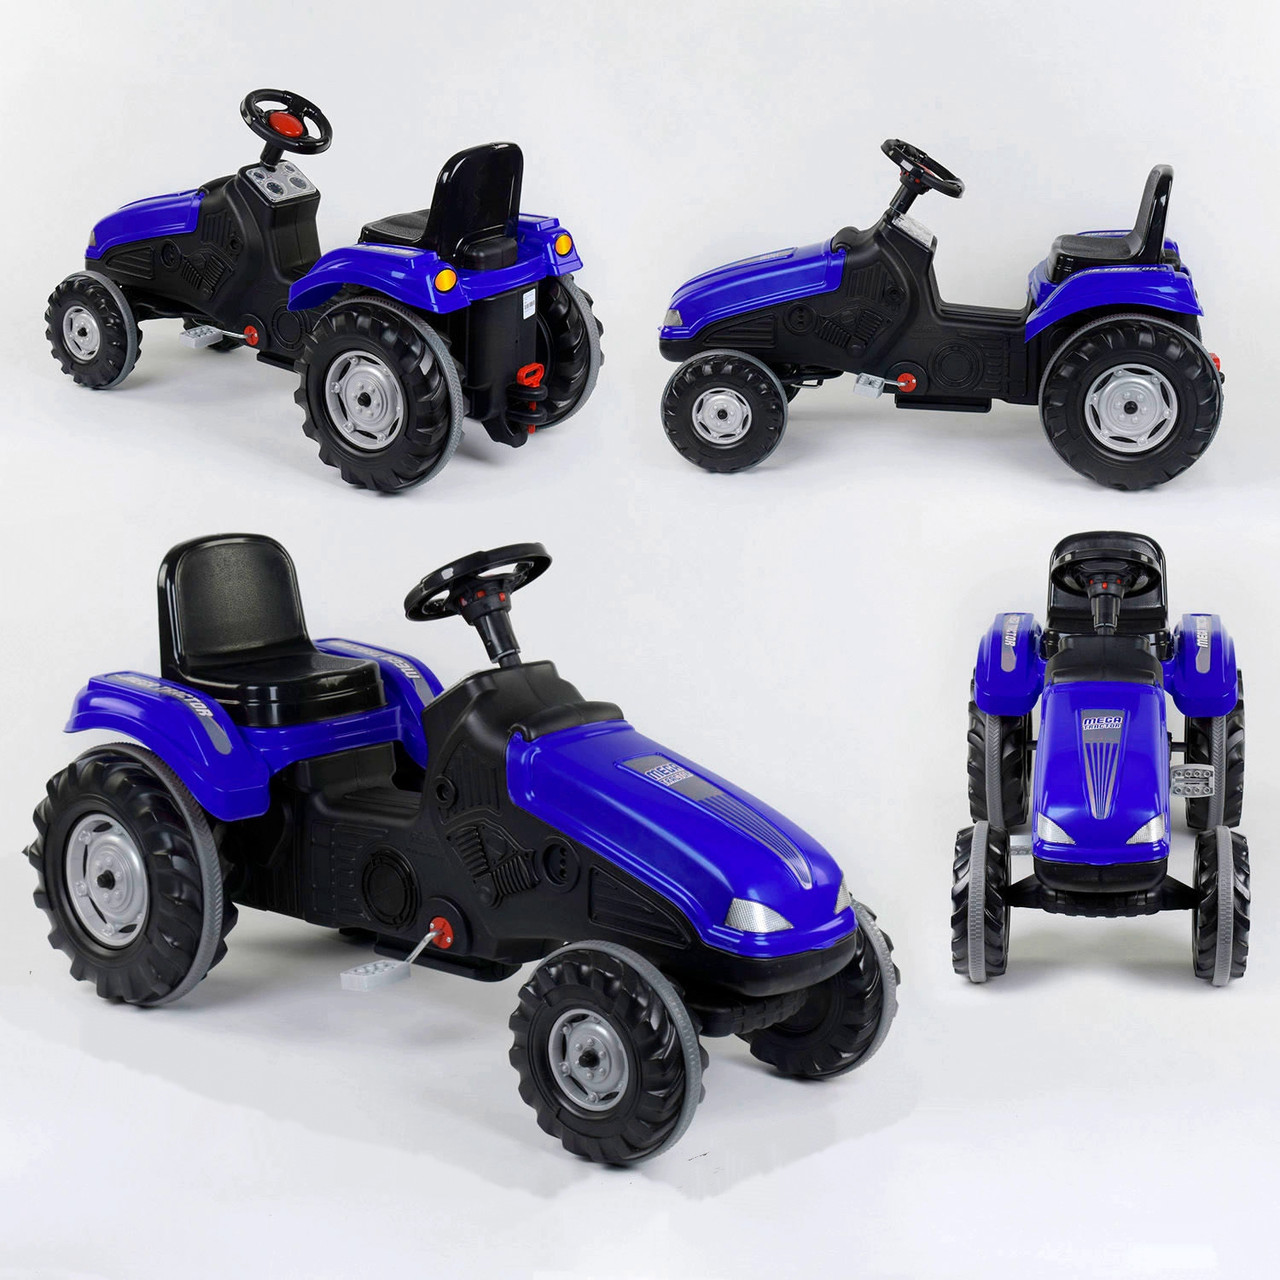 Трактор с педалями Pilsan 07-321 Синий (прорезиненные колеса, регулируемое сидение, клаксон на руле)